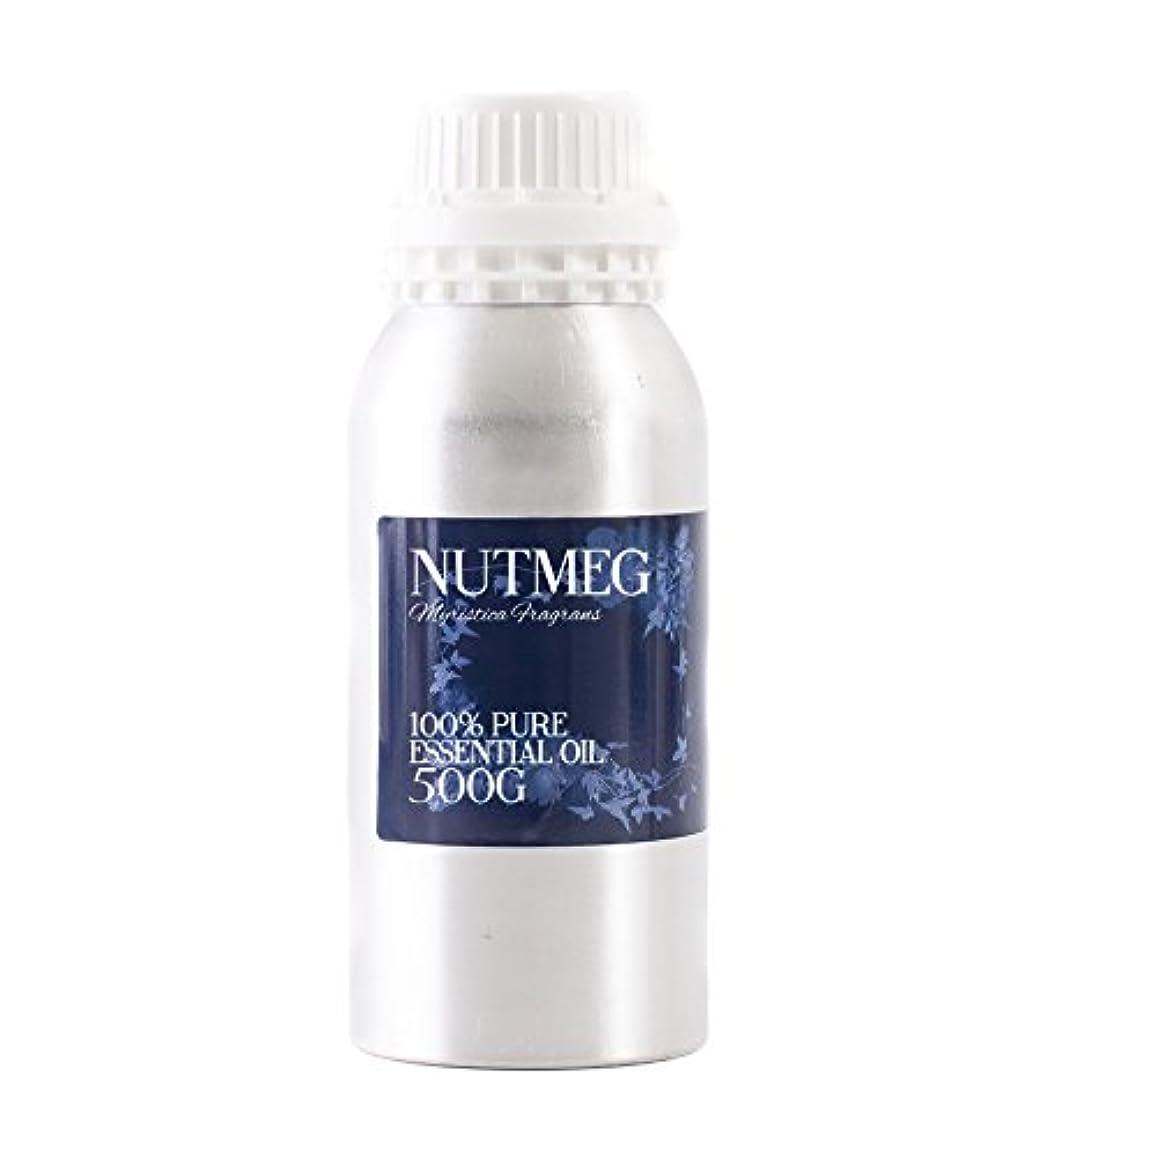 人気機会開発するMystic Moments | Nutmeg Essential Oil - 500g - 100% Pure